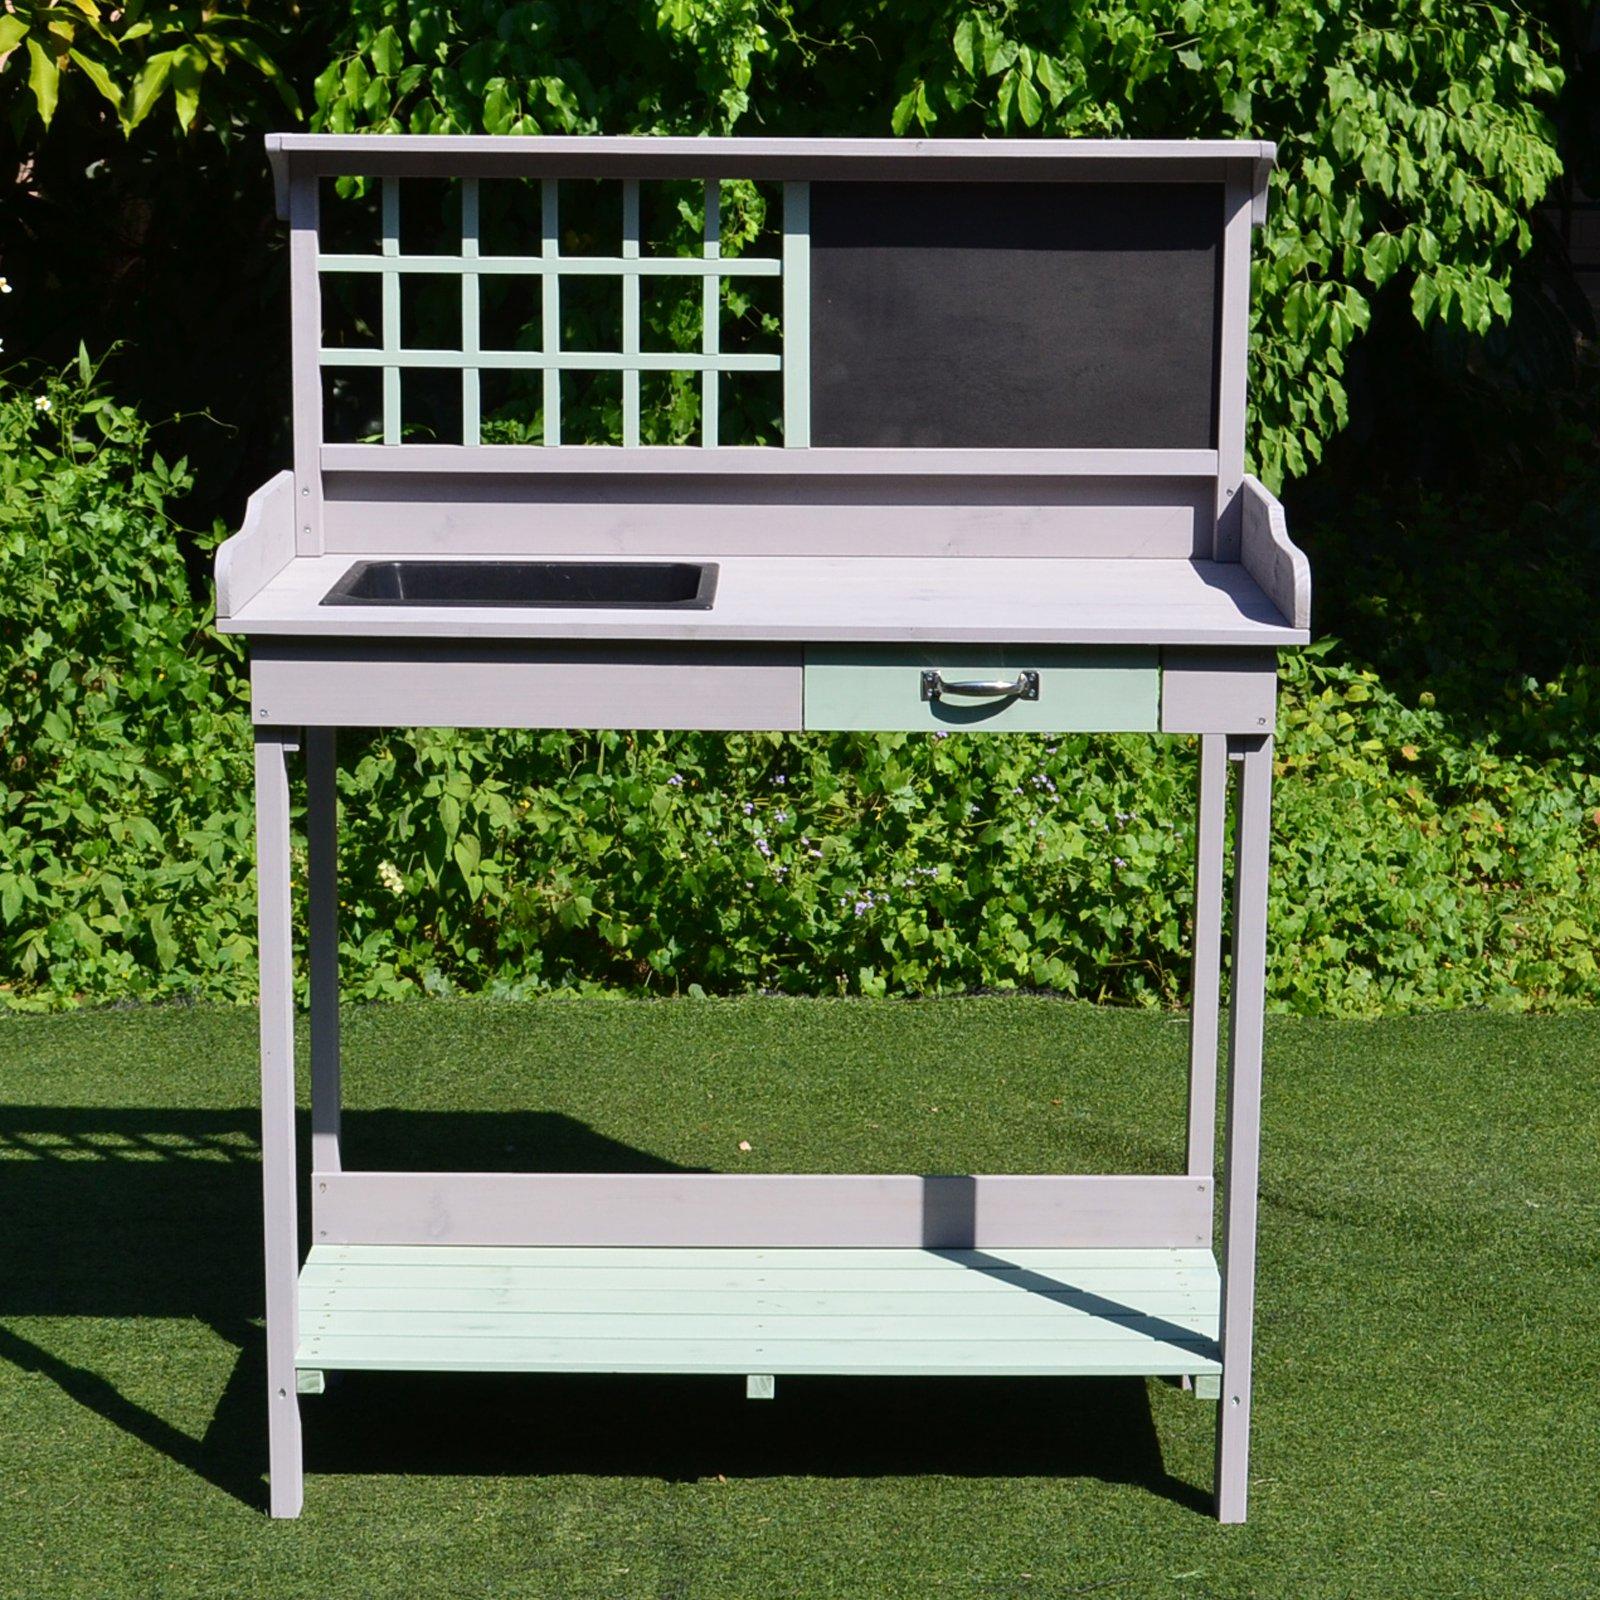 Mesa de jardiner a cultivo mesa exterior para macetas mesa for Jardineria exterior con guijarros